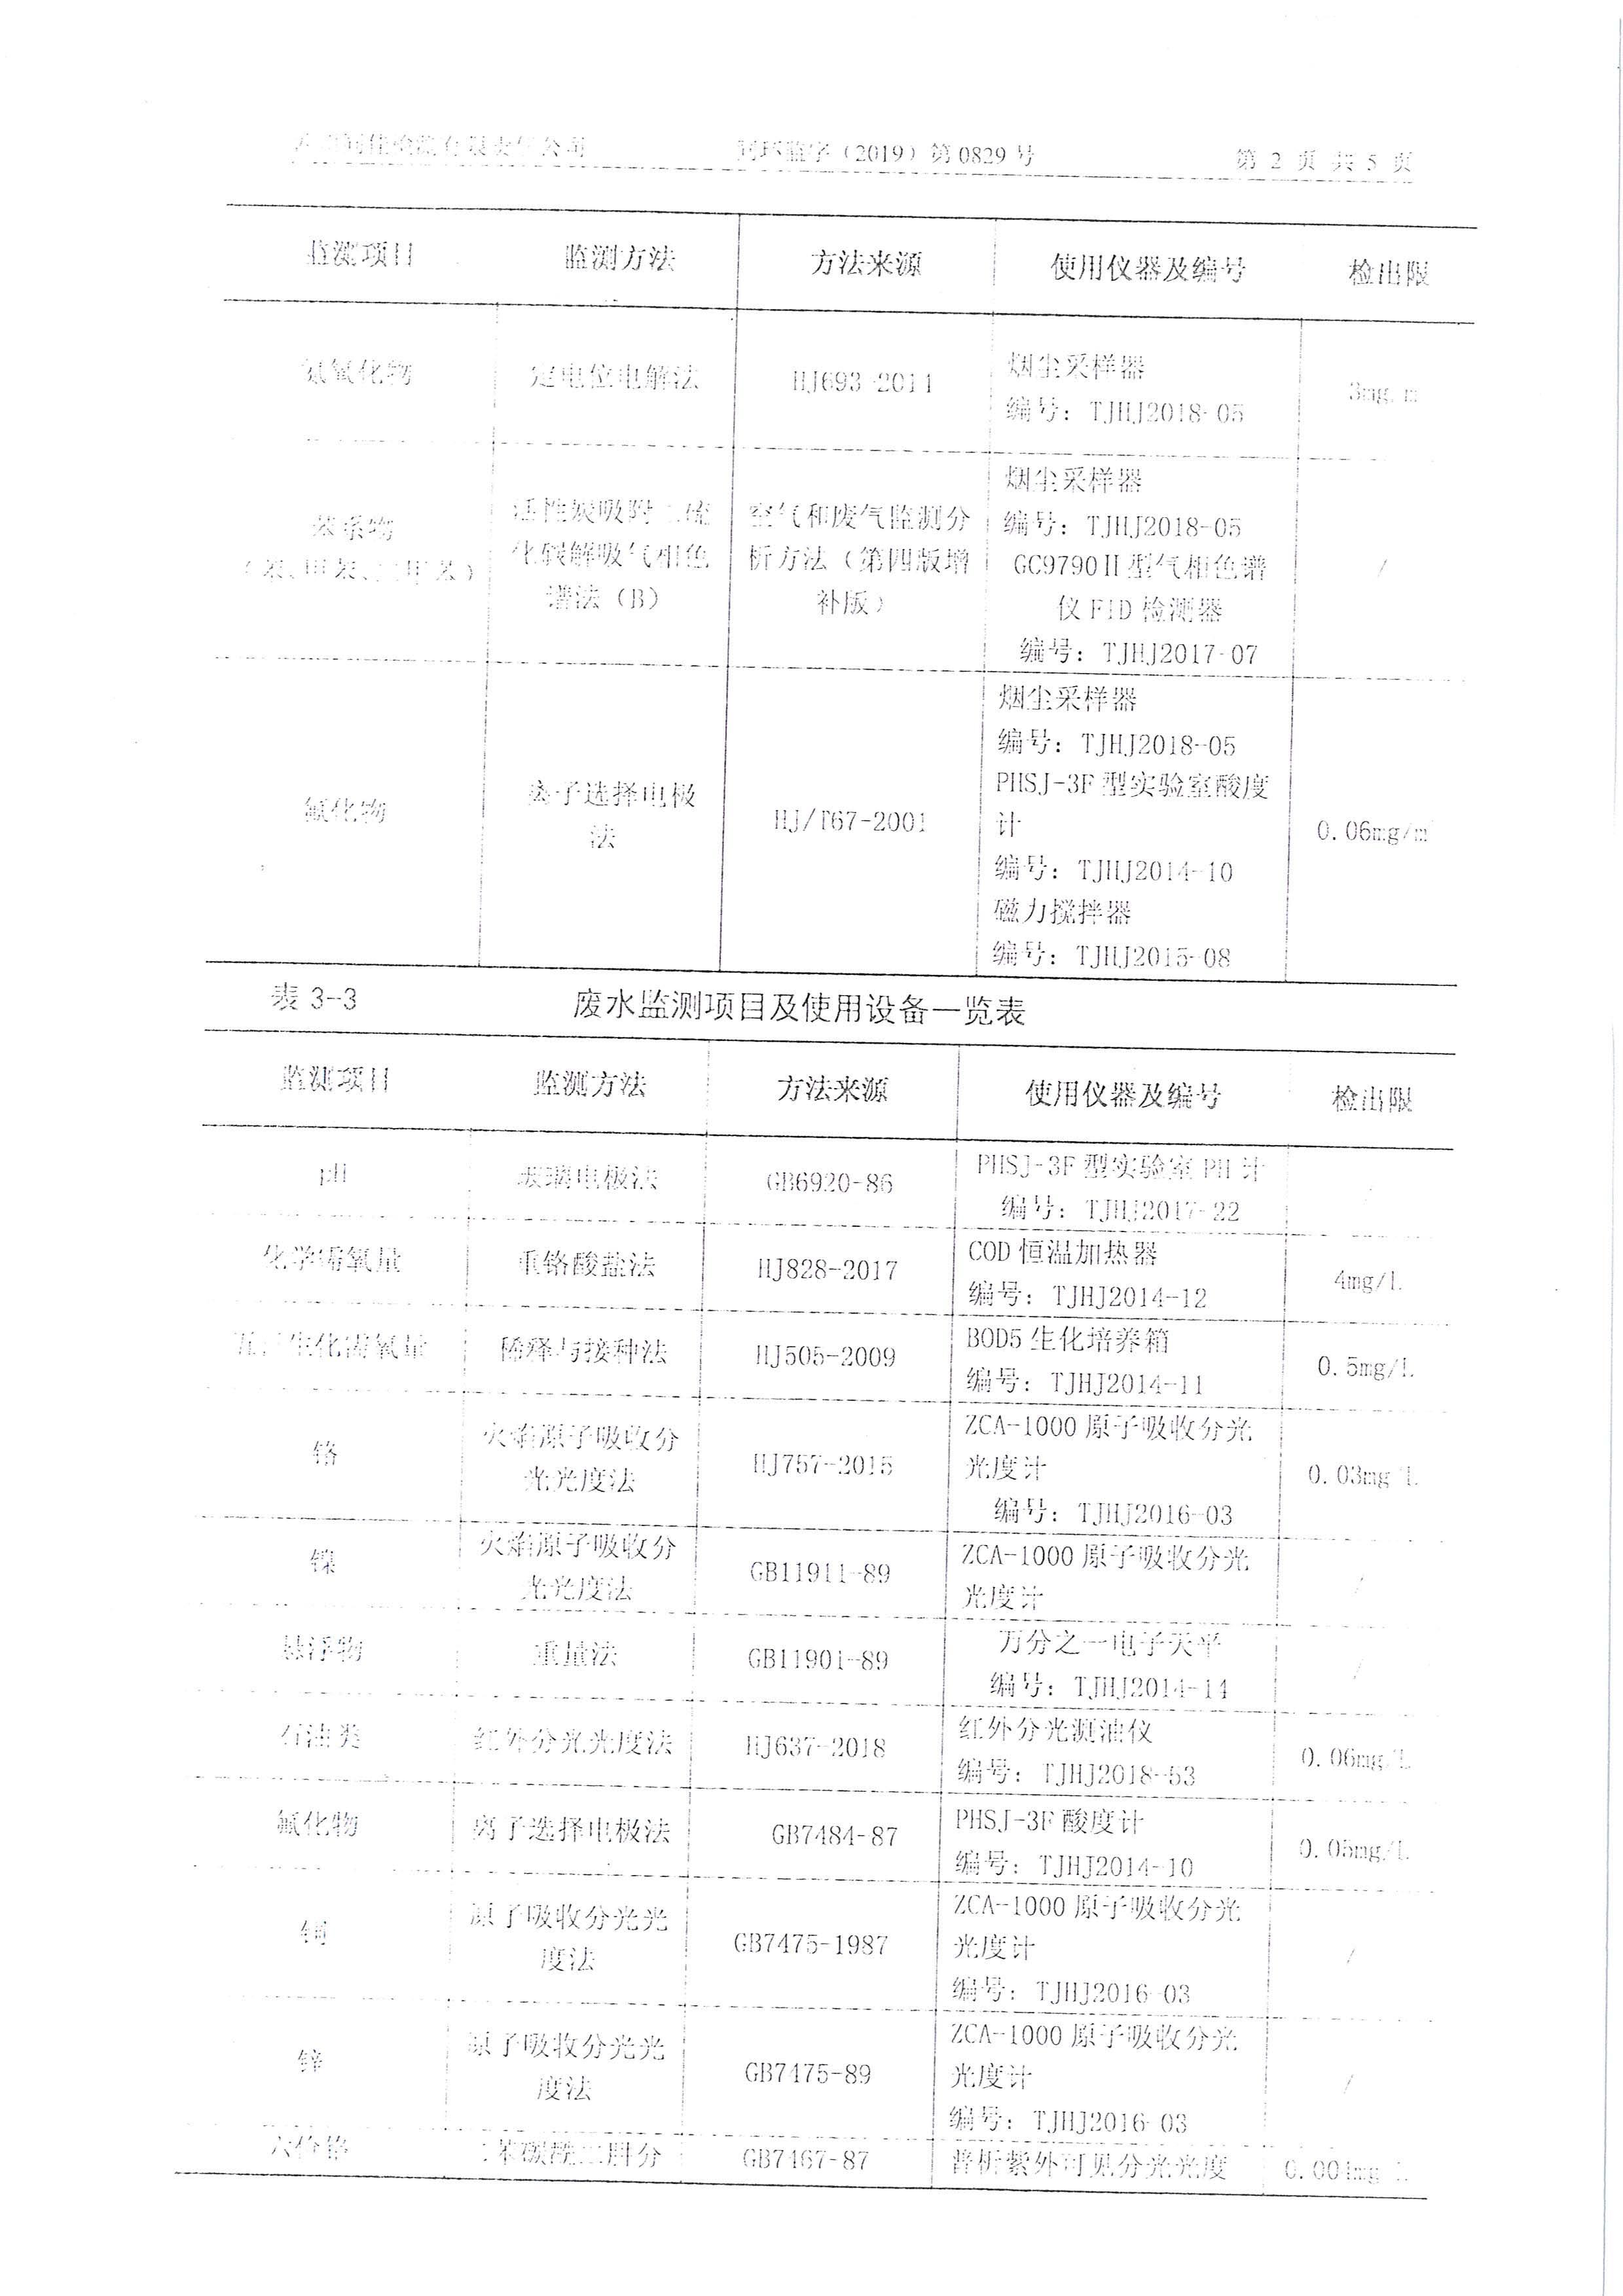 http://qiniu.cloudhong.com/image_2020-07-02_5efd84635a545.jpg